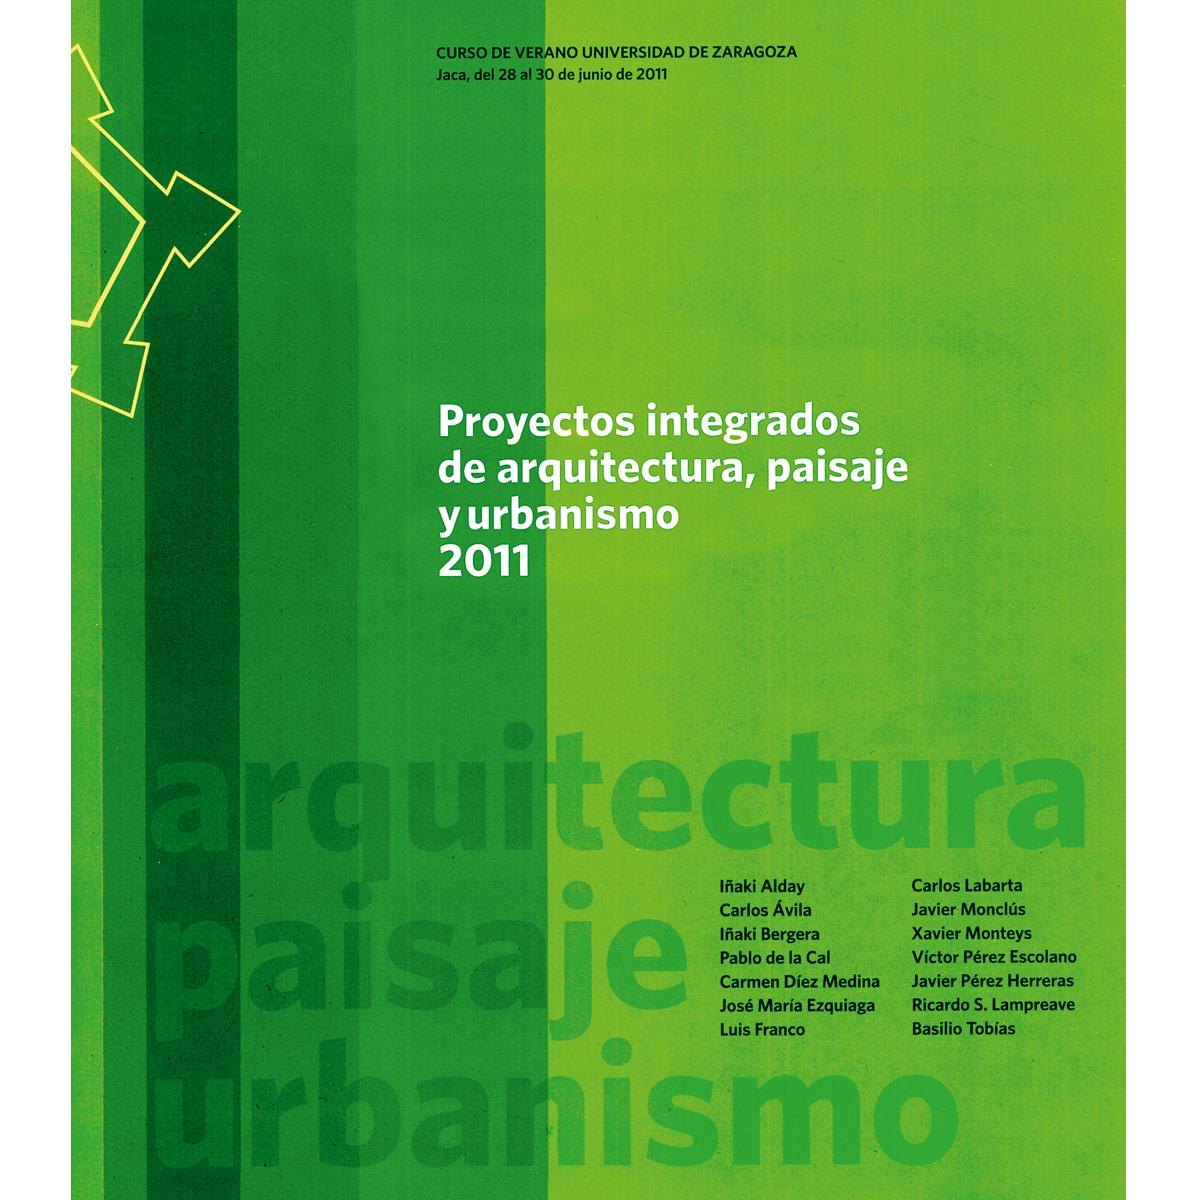 Proyectos integrados de arquitectura,  paisaje y urbanismo 2011